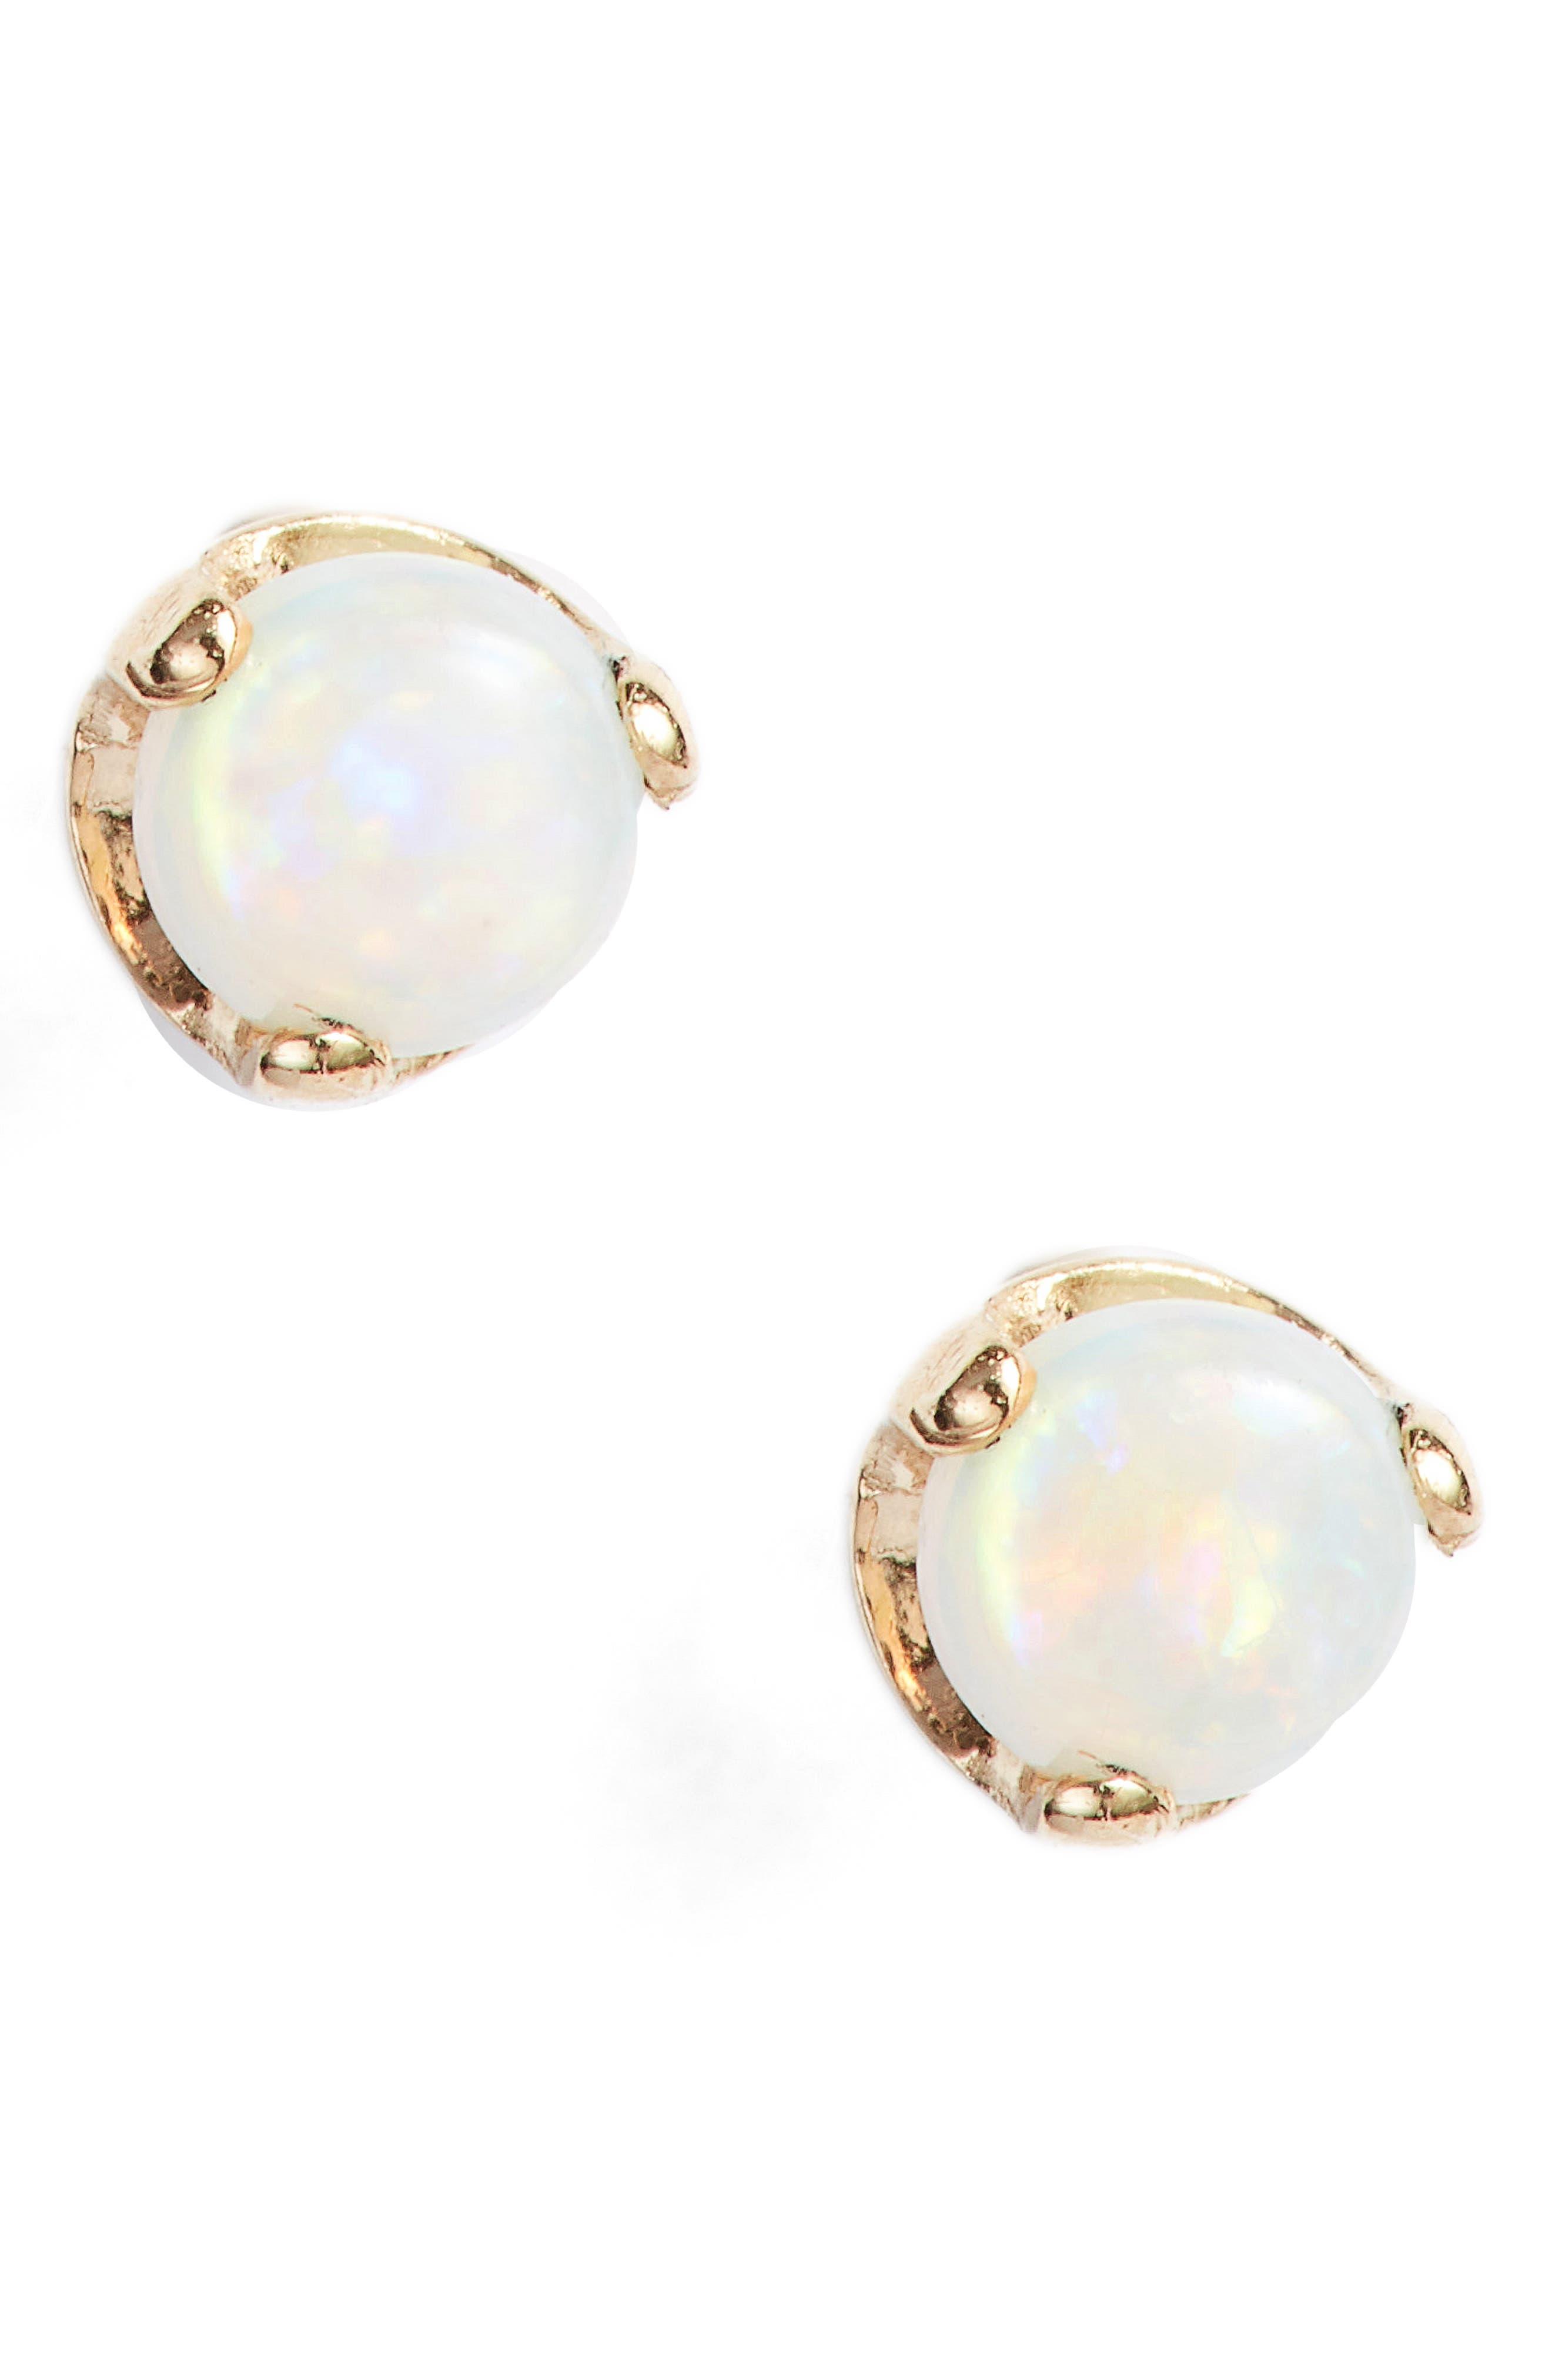 Opal Stud Earrings,                             Main thumbnail 1, color,                             YELLOW GOLD/ OPAL